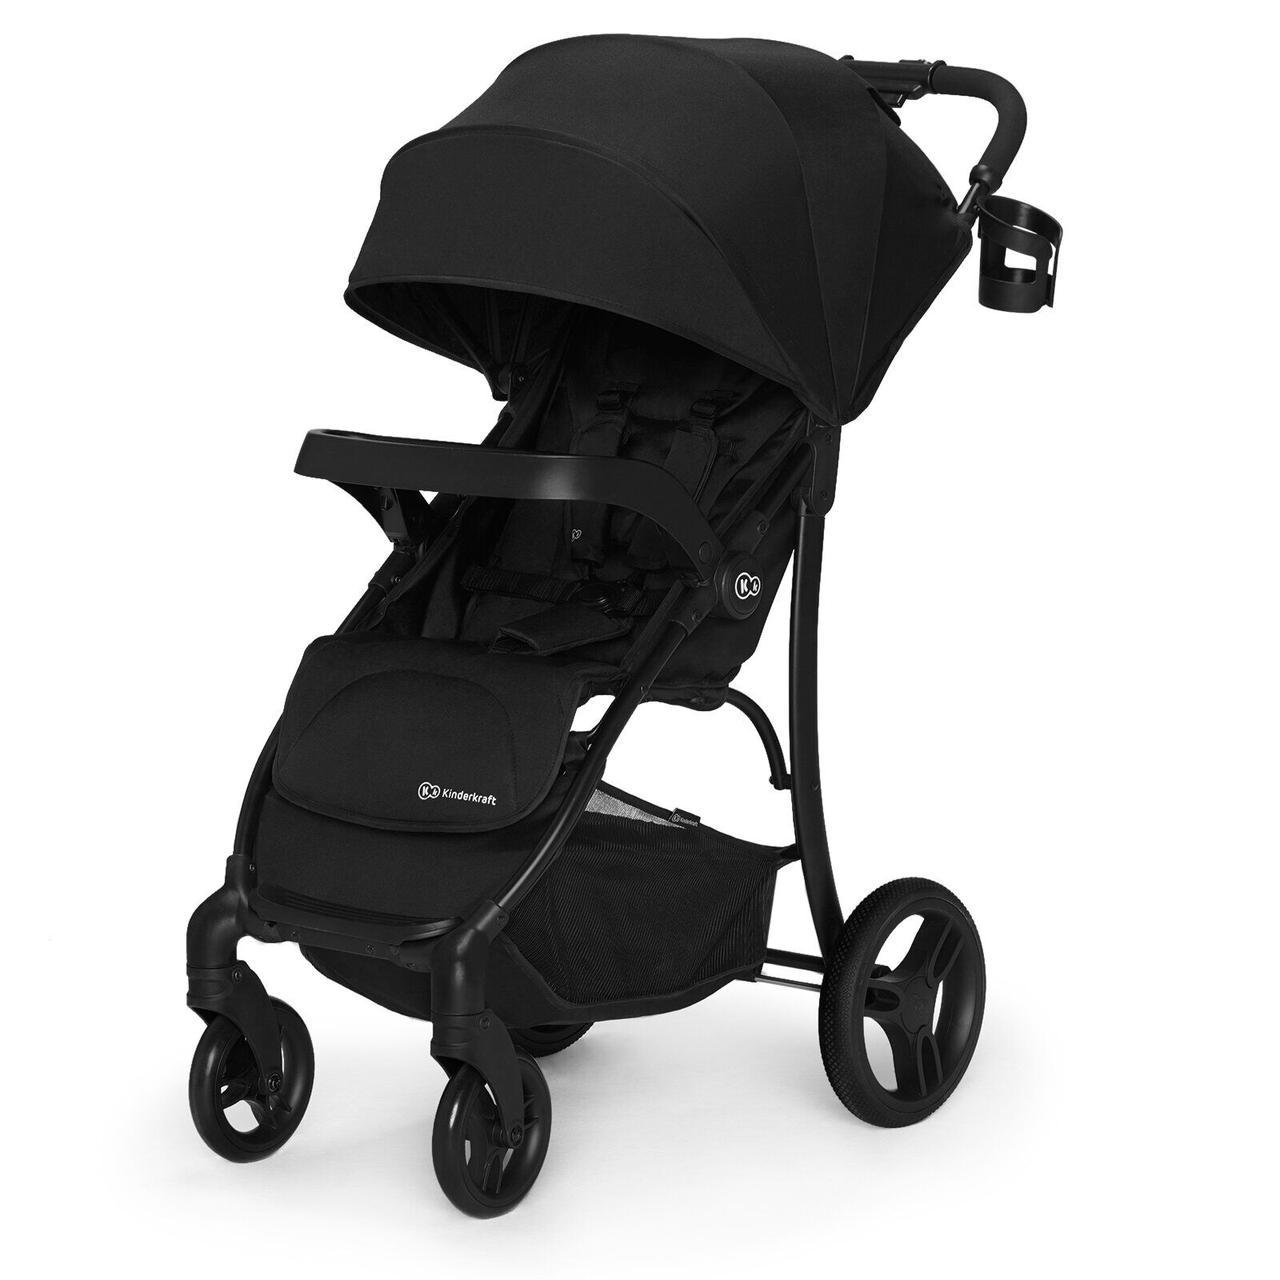 Прогулочная коляска Kinderkraft Cruiser Black